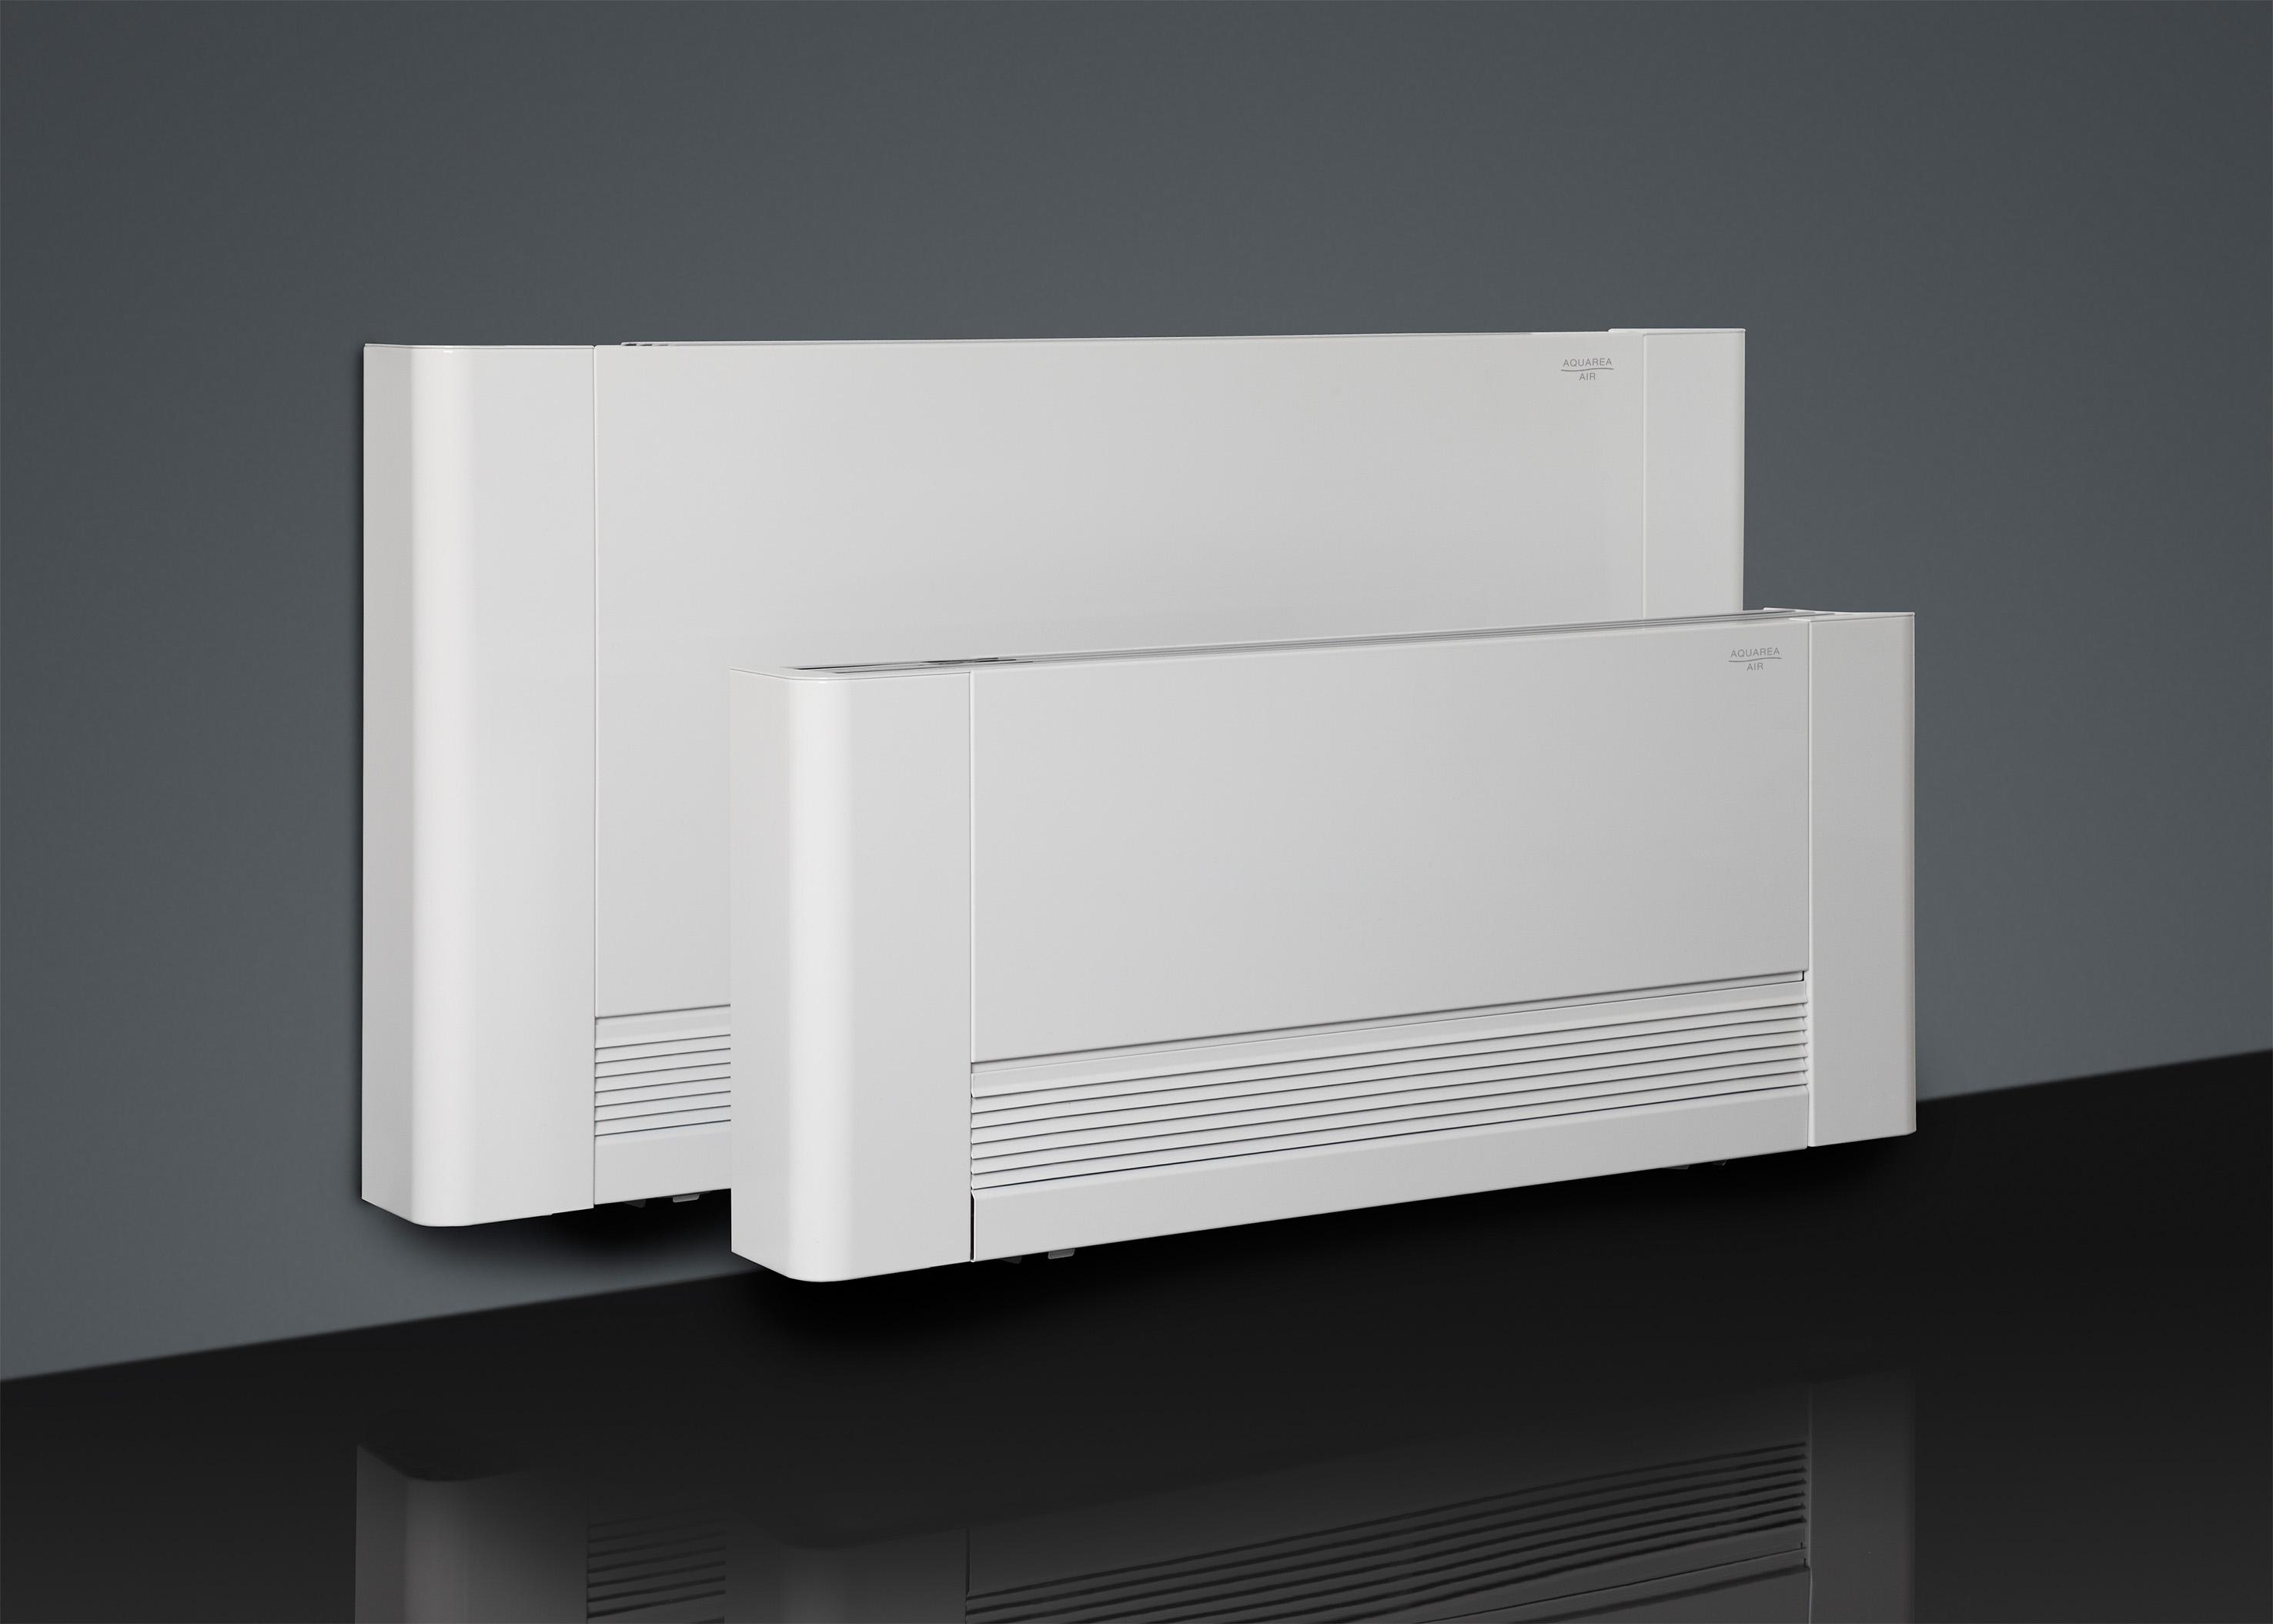 Gamma di radiatori ad alta efficienza gt il giornale for Piani di casa ad alta efficienza